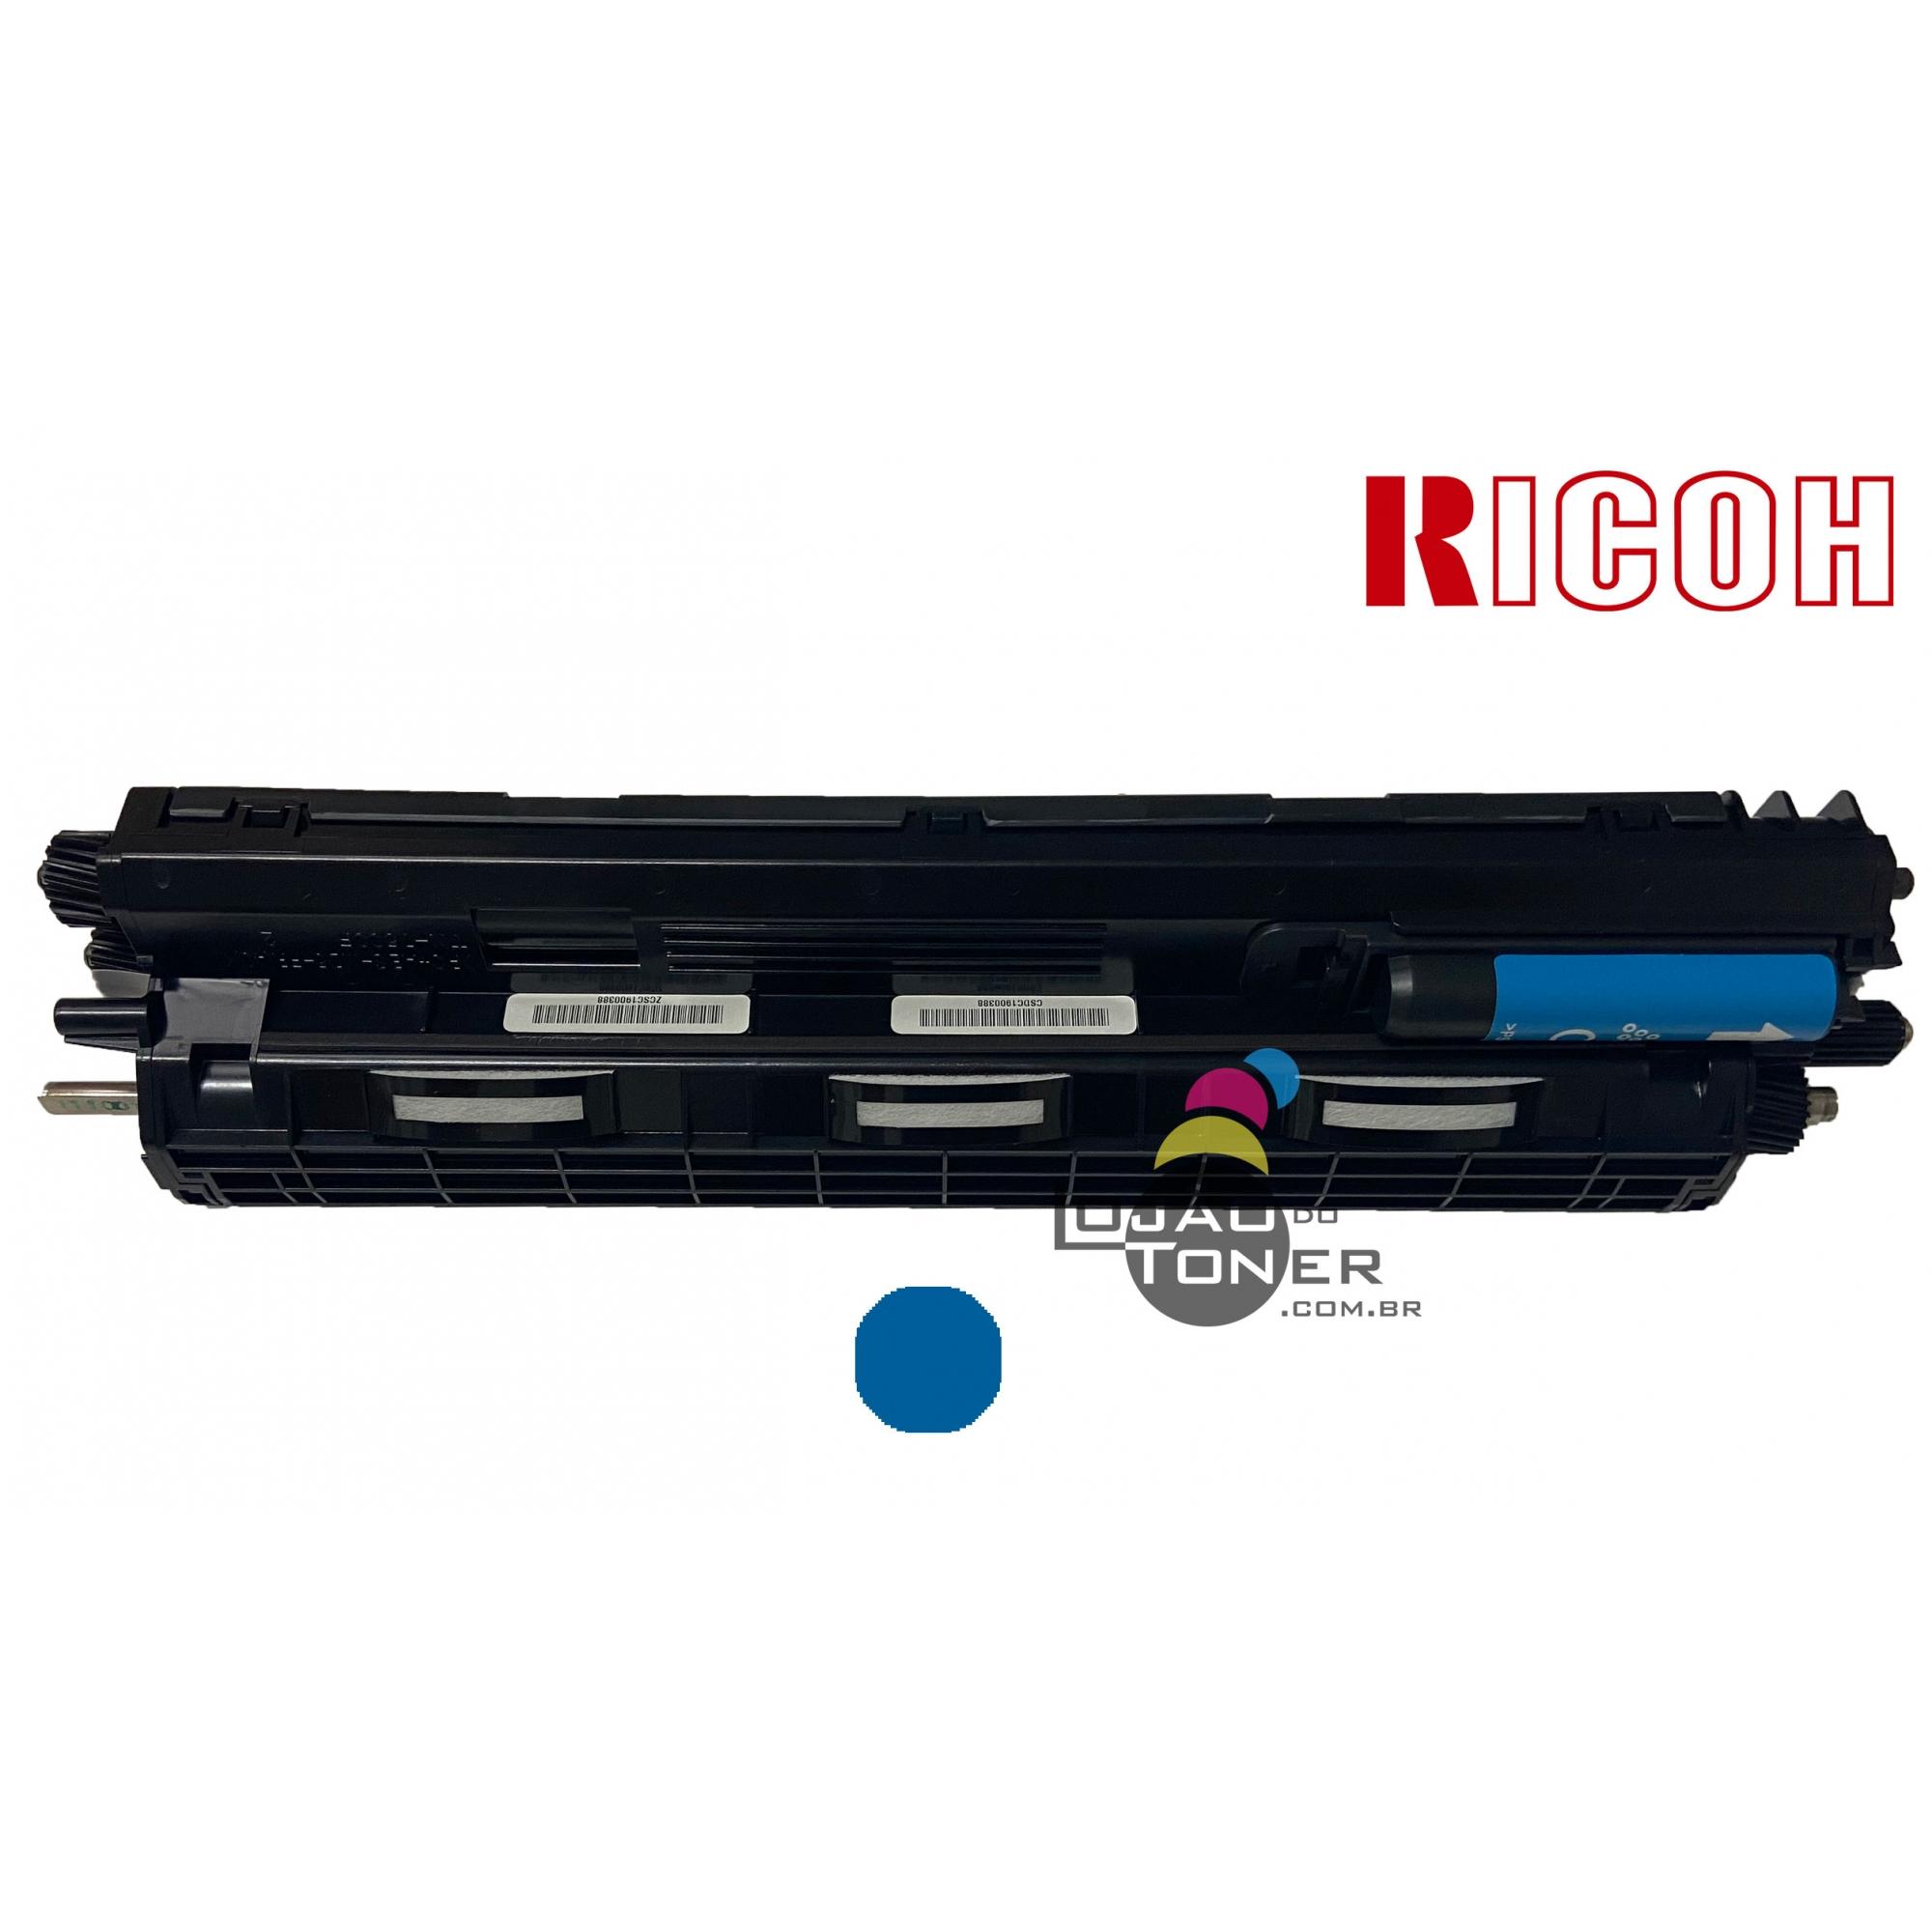 Unidade de Revelação Cyan Ricoh MPC 300 | MPC 400 | MPC 401  M0263031 Original